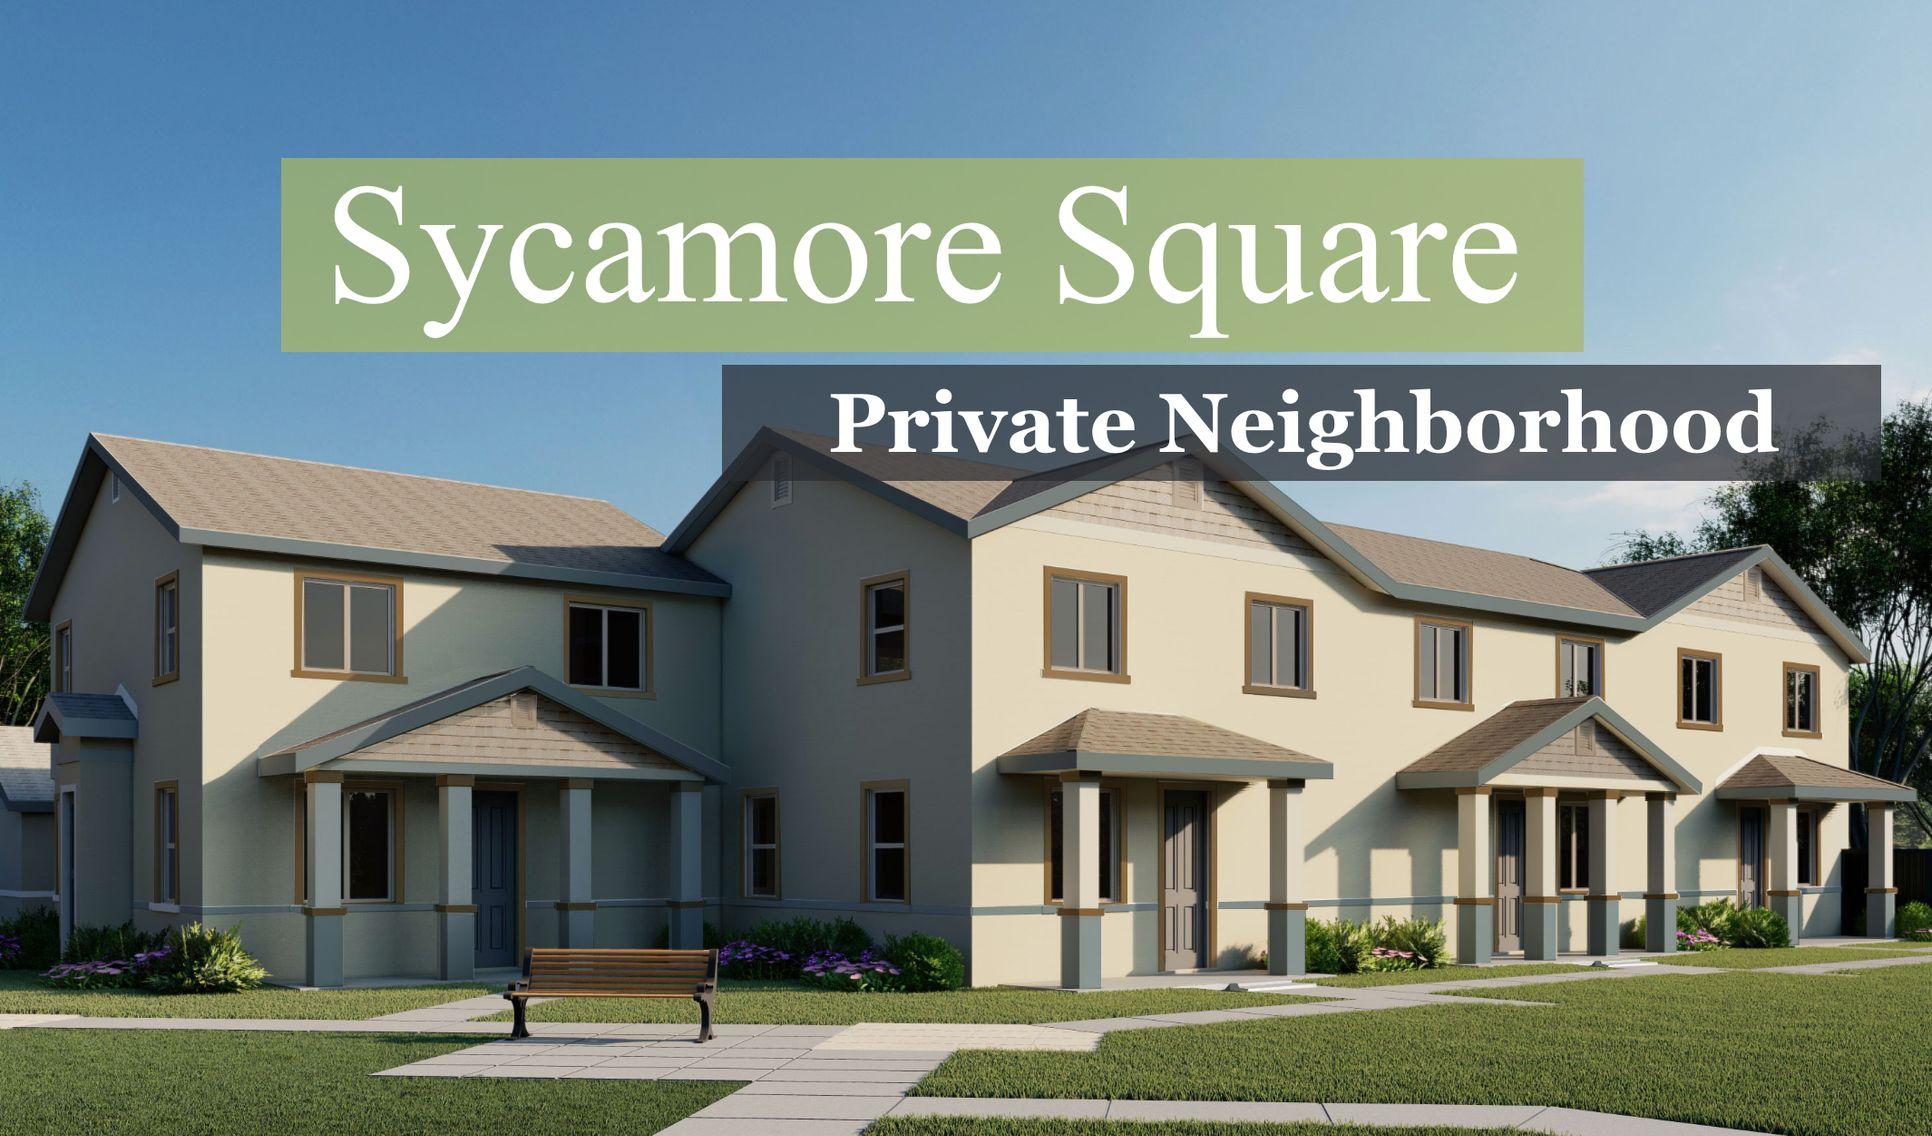 Sycamore Square